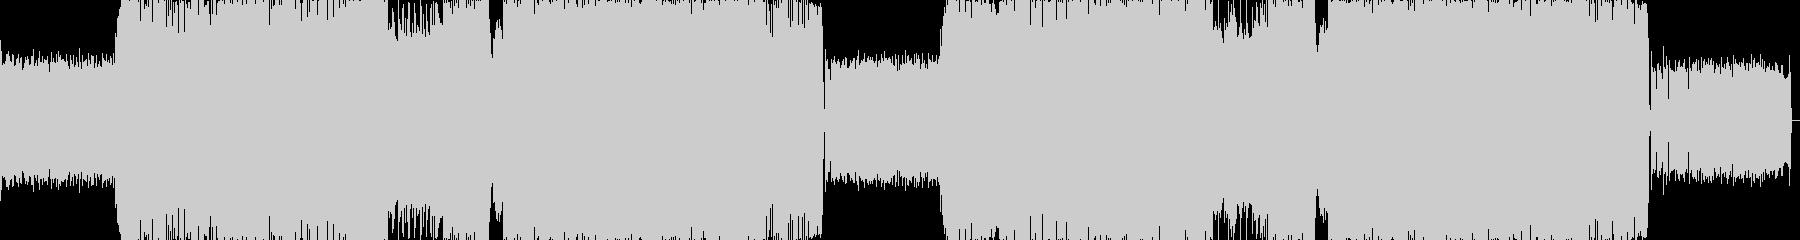 スクラッチミクスチャーラウドロックAの未再生の波形